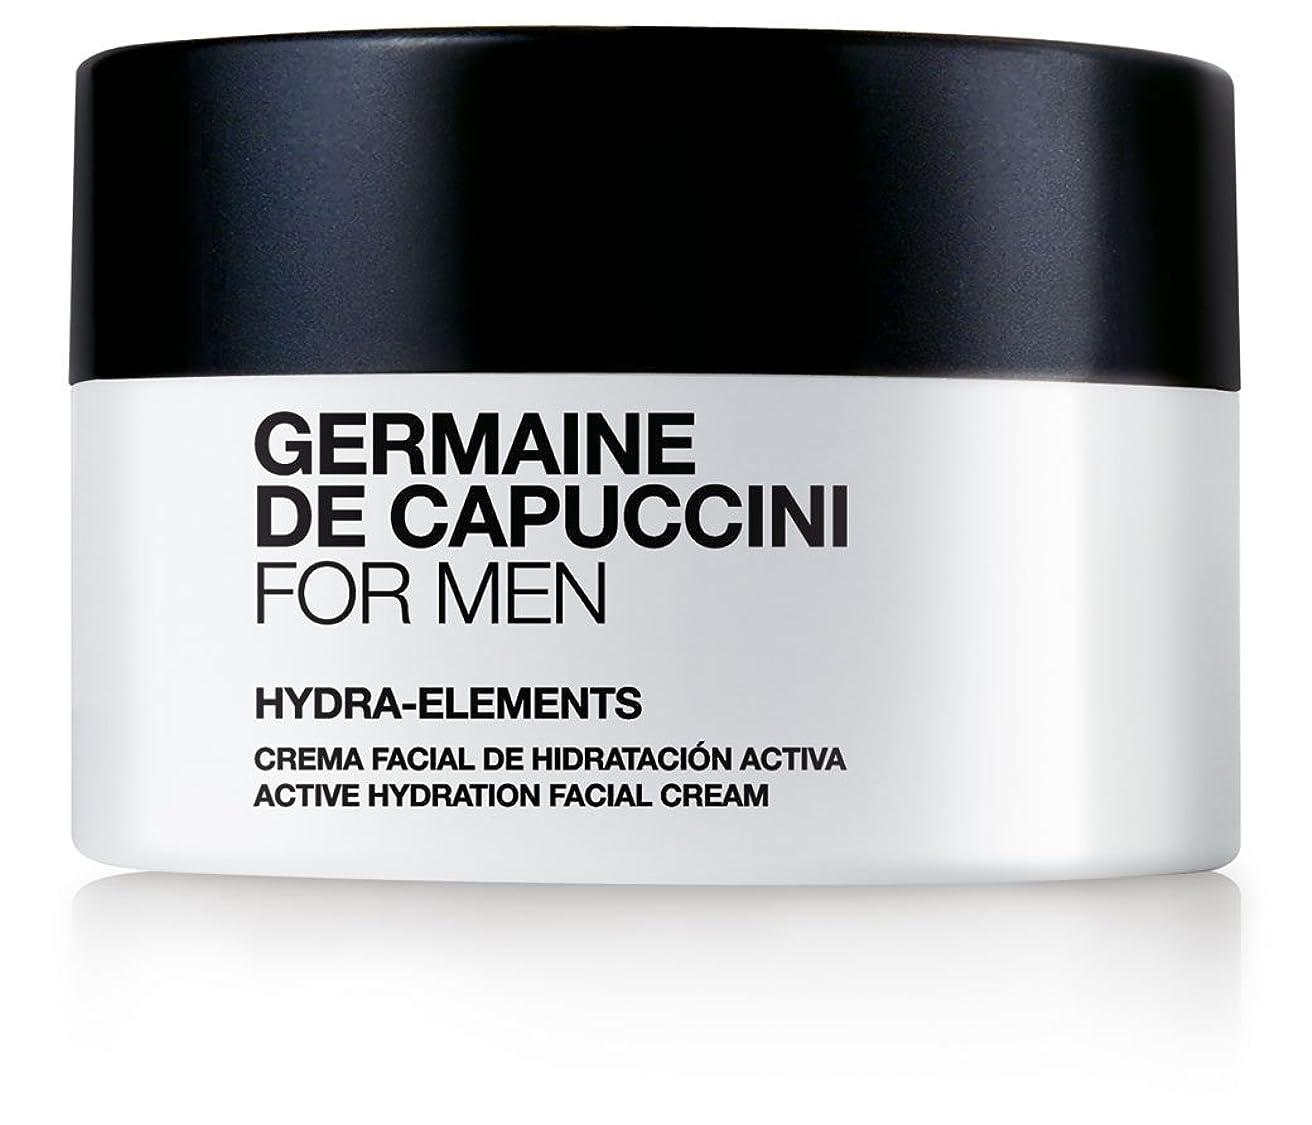 雑草キャラクター不快Germaine de Capuccini - 顔の保湿クリームアクティブ50ミリリットル - 【並行輸入品】